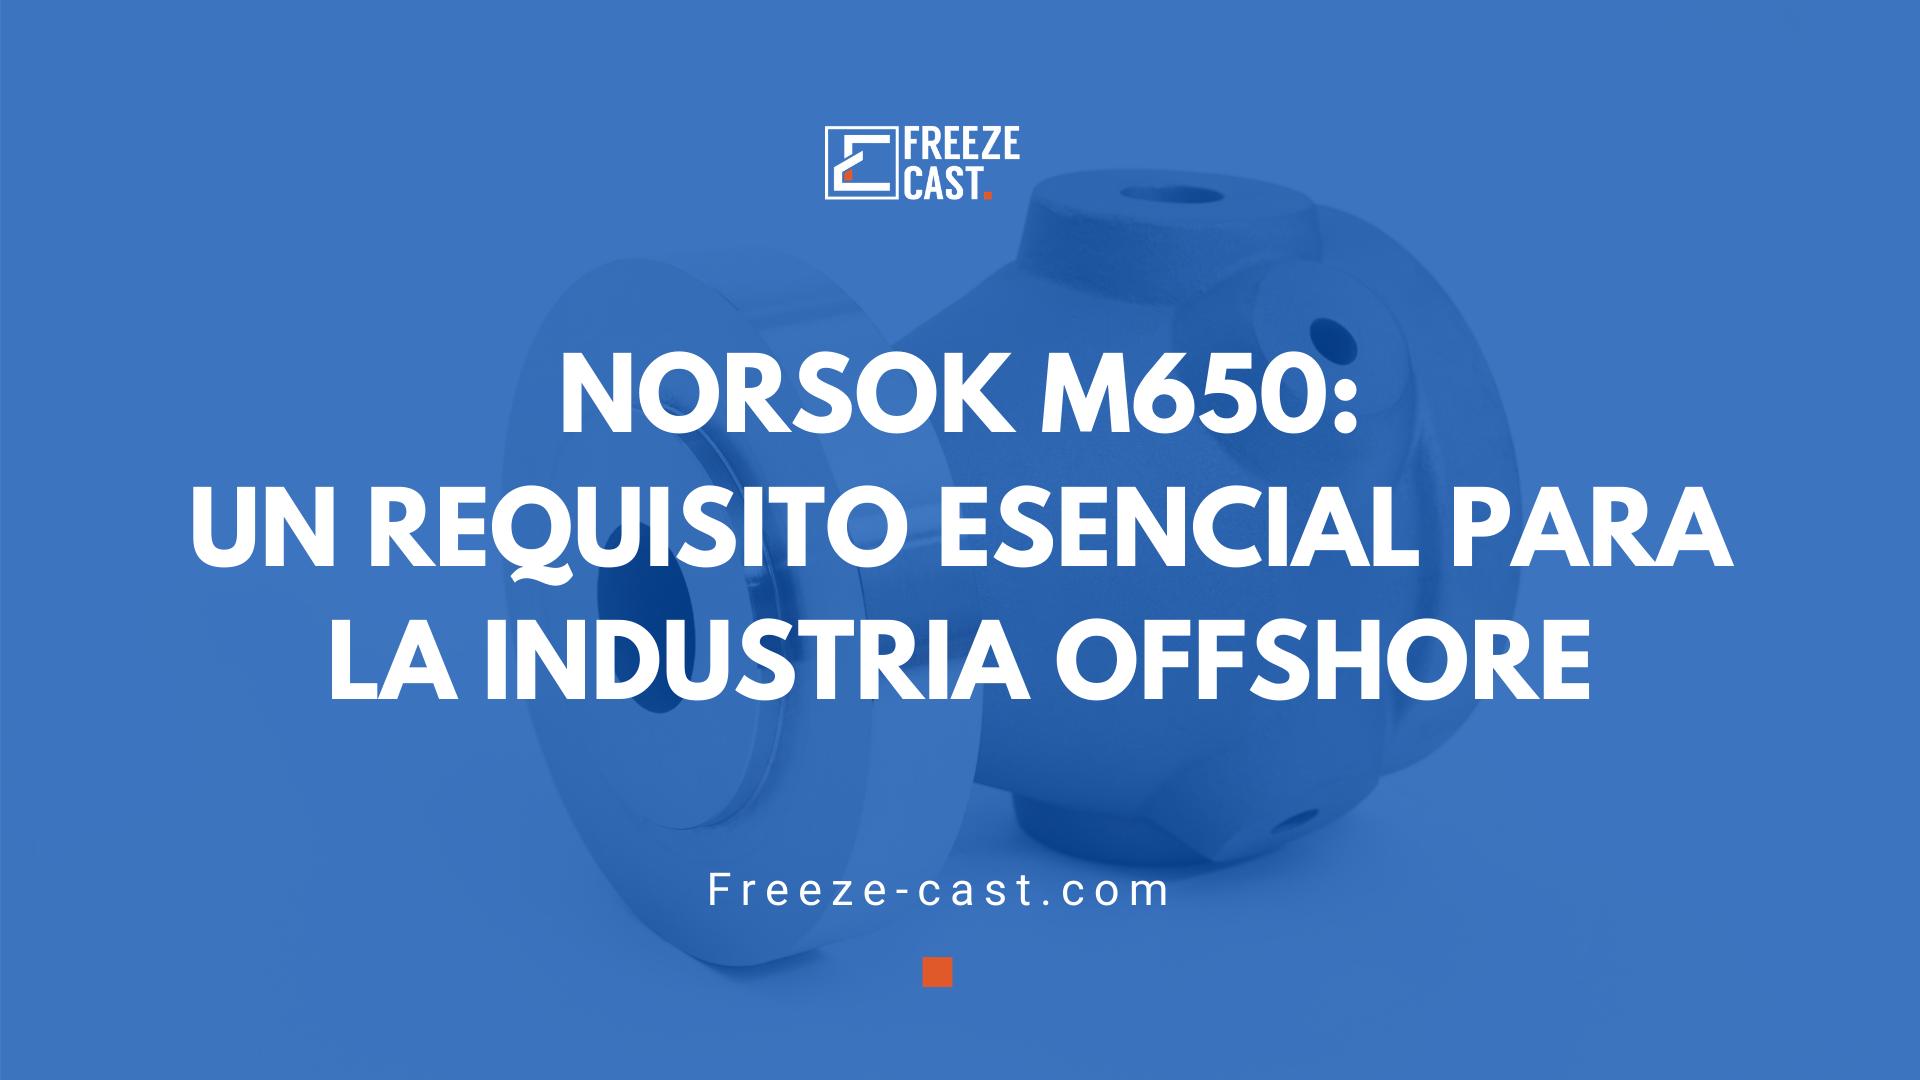 NORSOK M650: un requisito esencial para la industria offshore